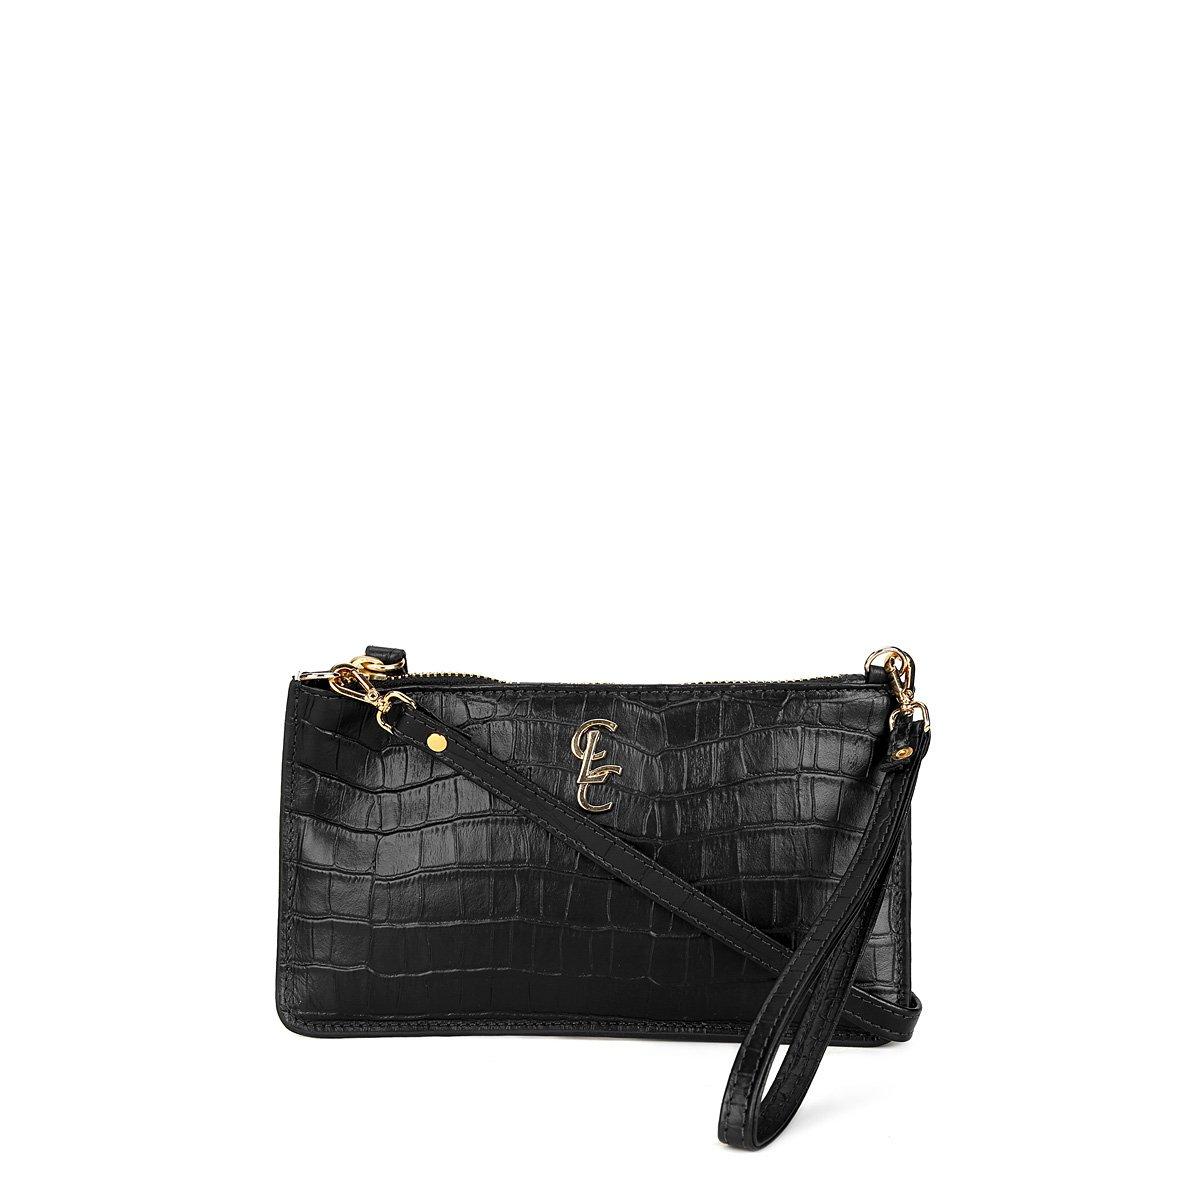 697ce369a Bolsa Couro Colcci Mini Bag Croco Feminina - Compre Agora   Zattini